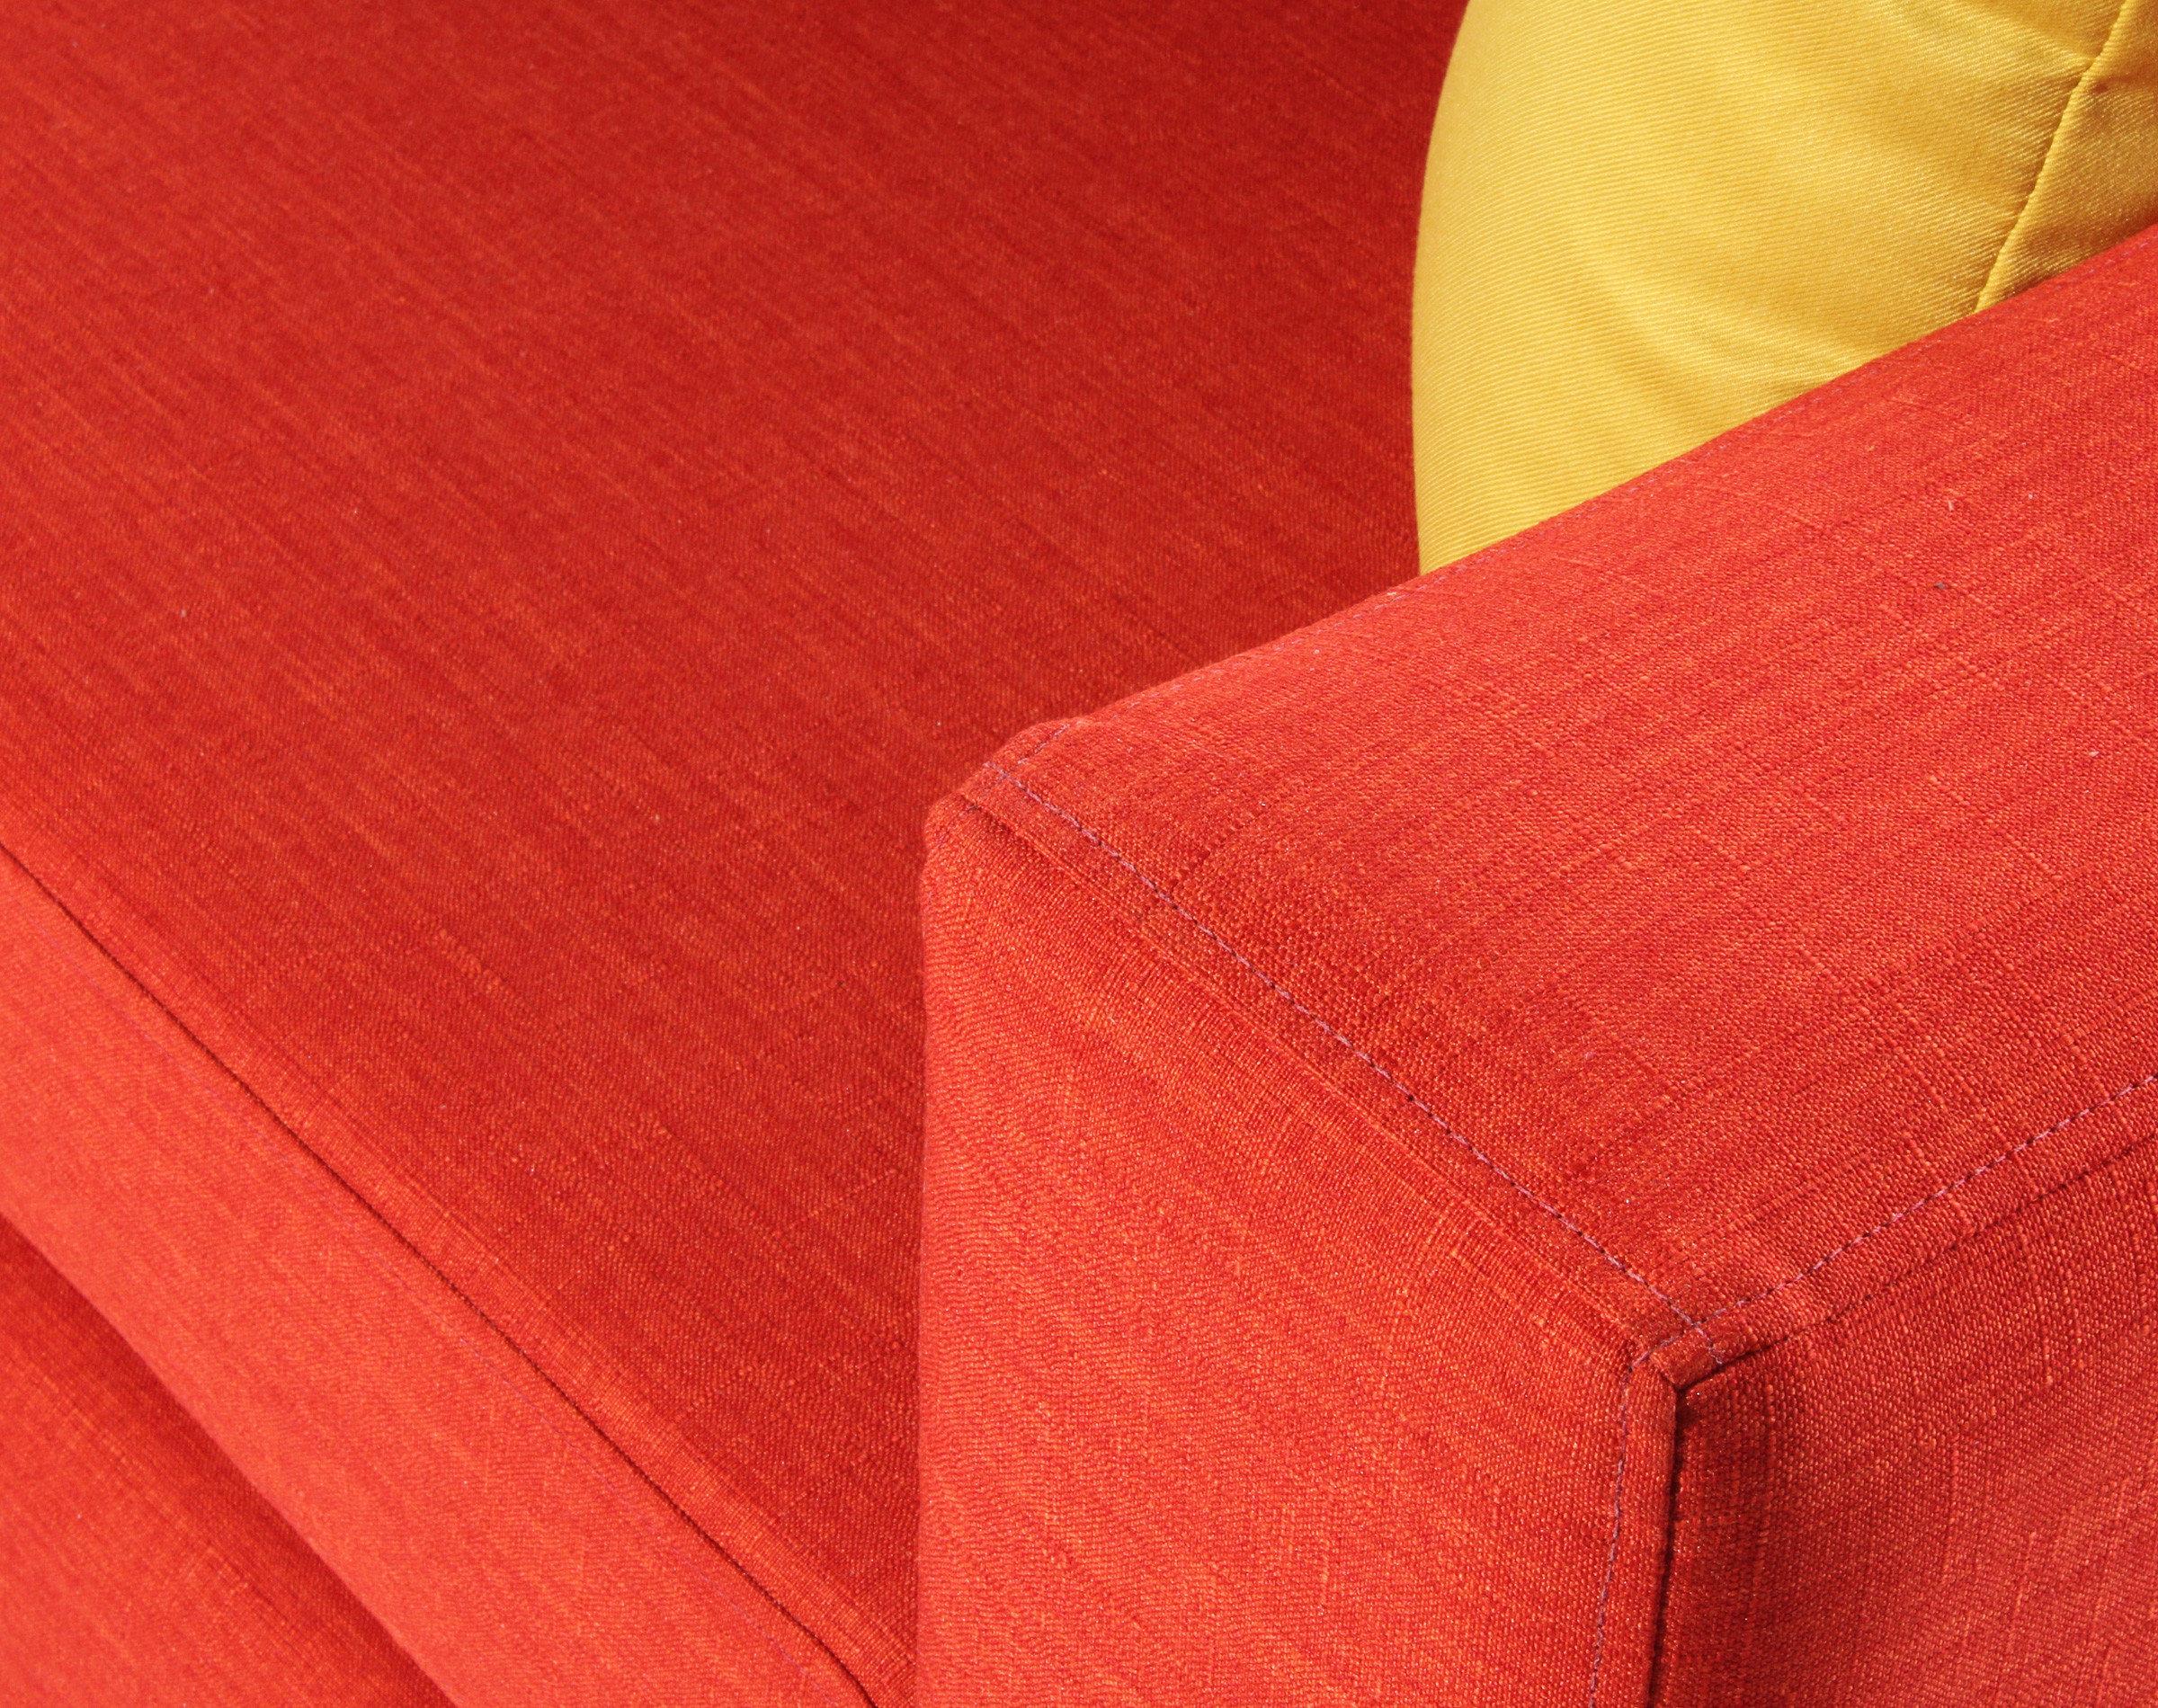 sofa-cama-urban-bariloche-naranjo-detalle-tapiz-y-brazo